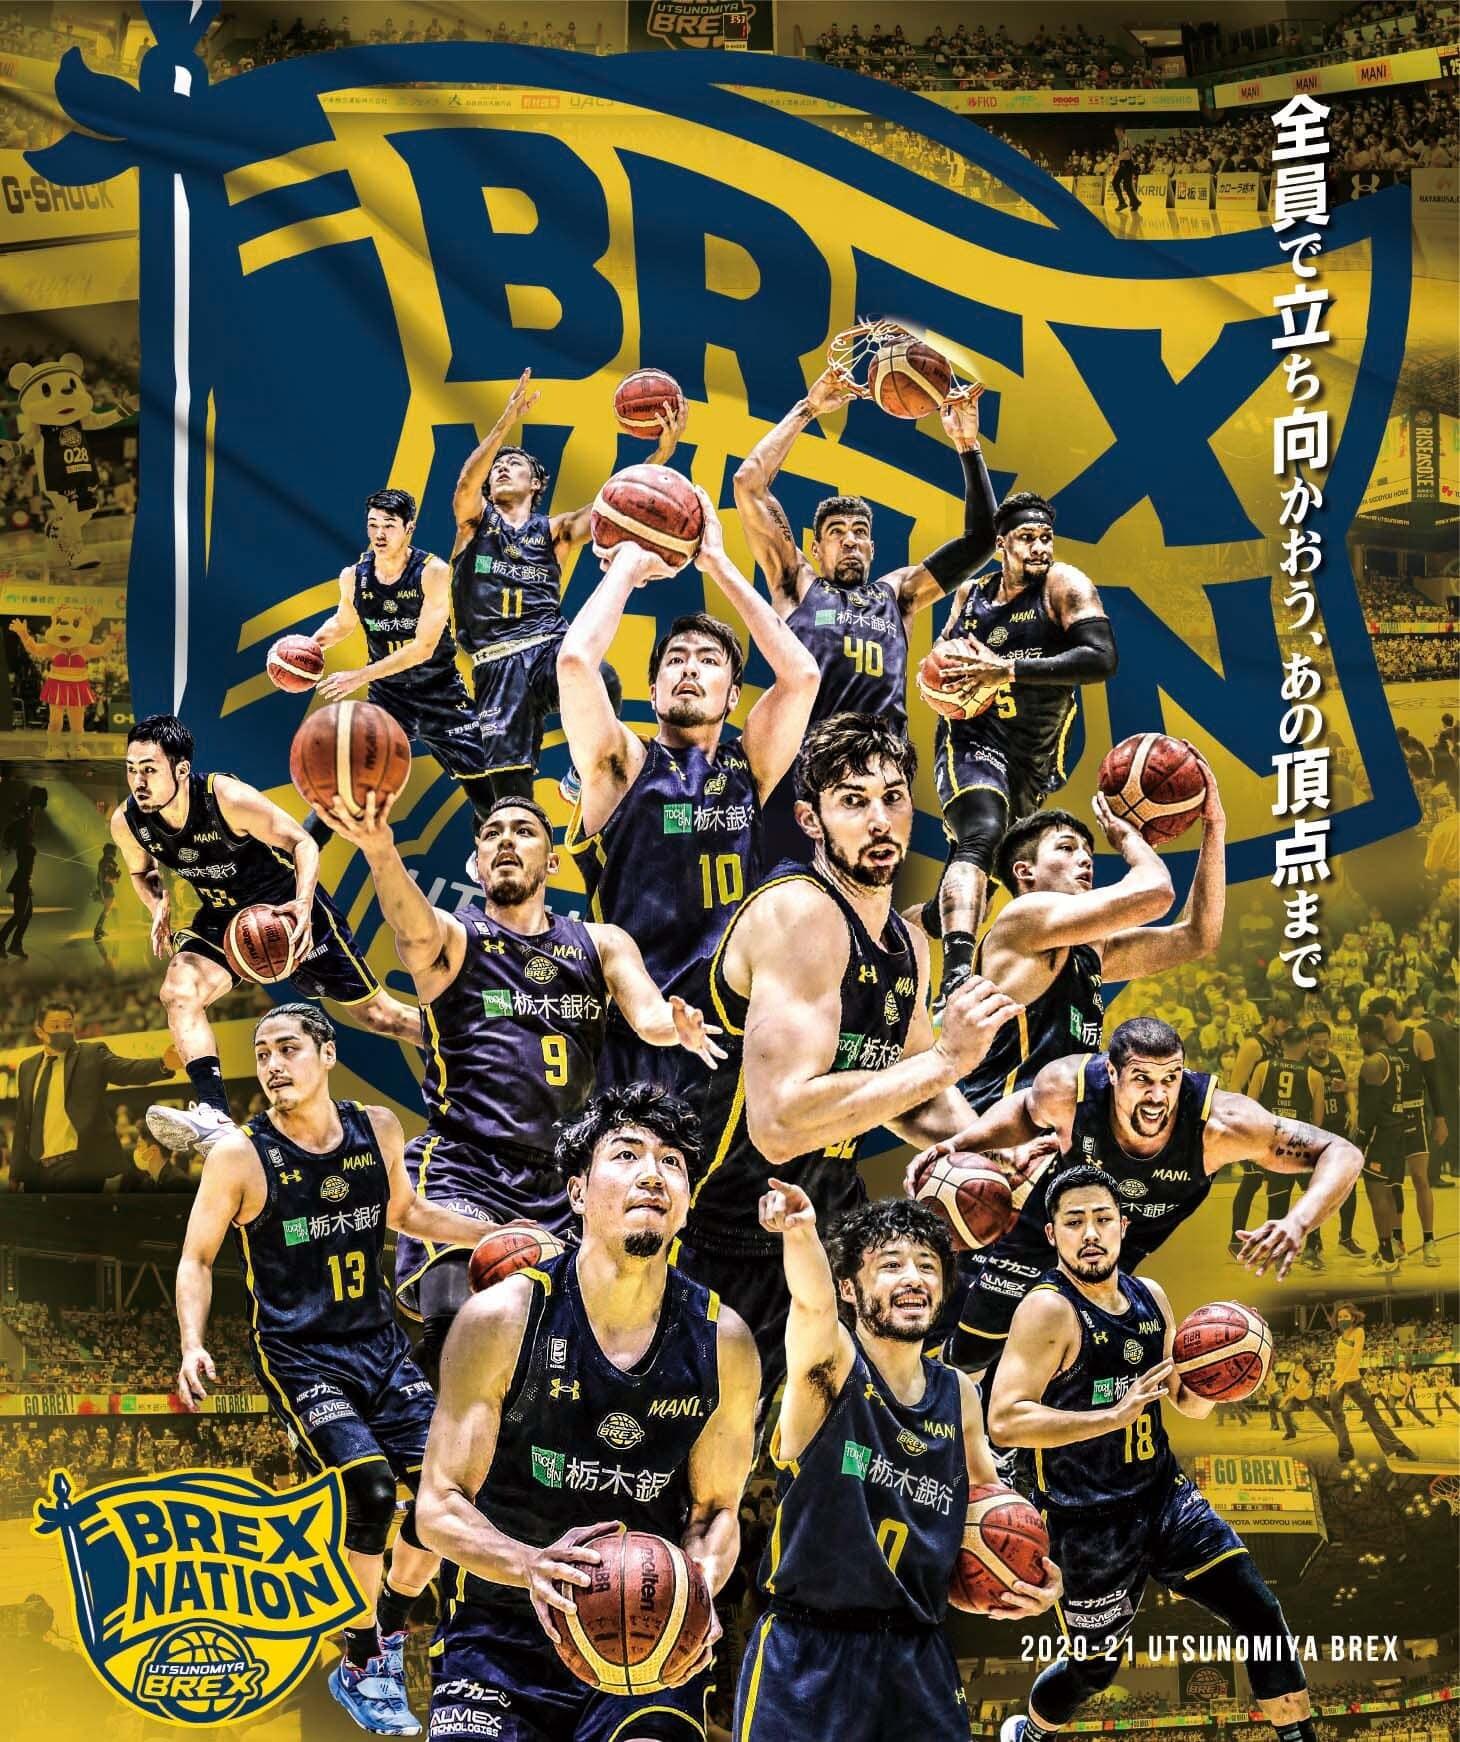 2020-21 BREX NATION ポスター